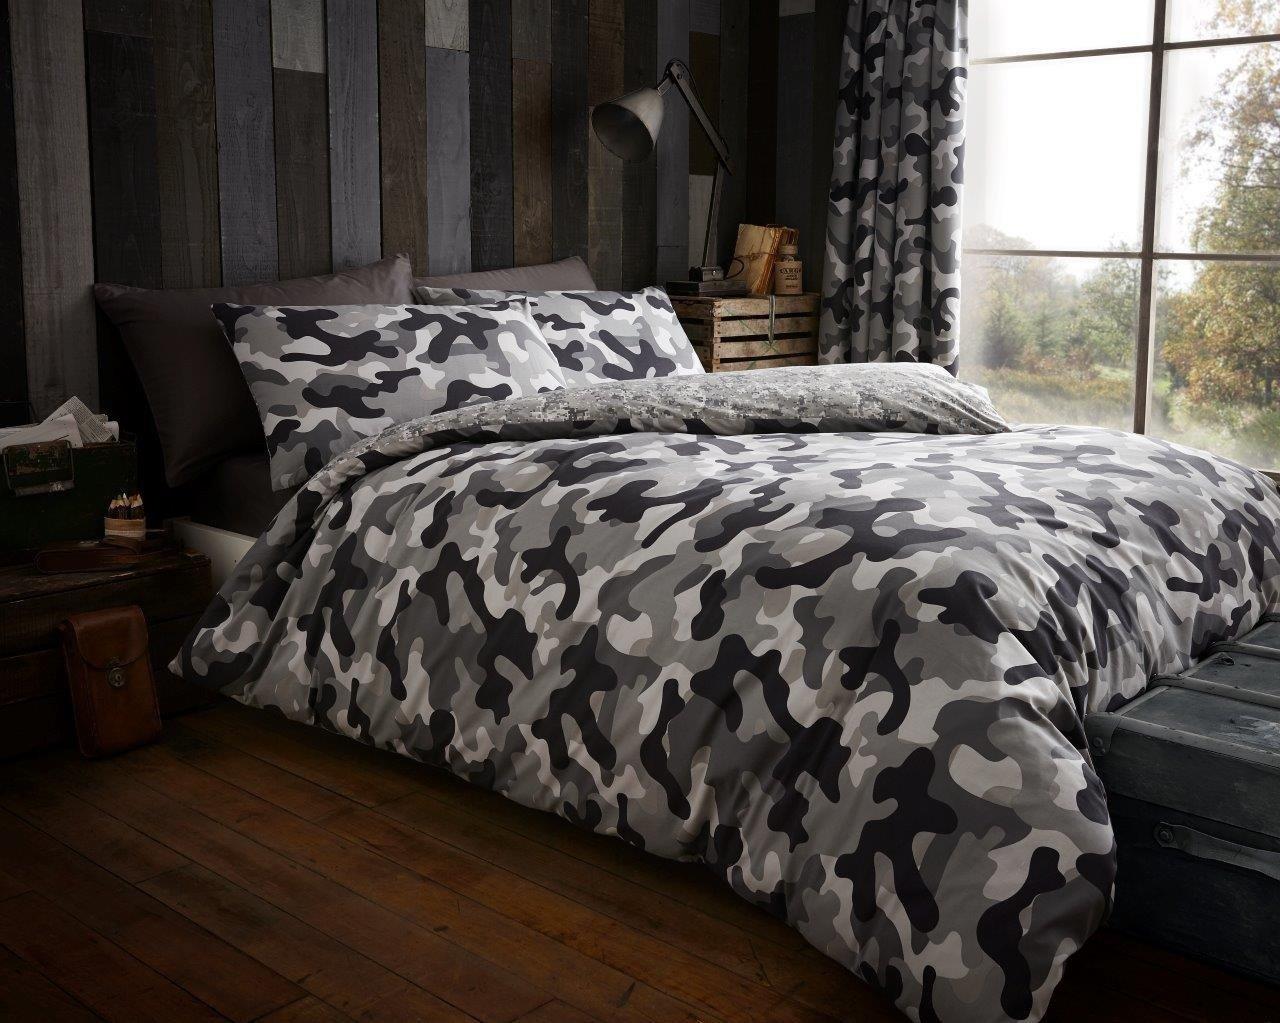 camouflage 39 grey 39 double king super king size quilt duvet cover sets 5051346121510. Black Bedroom Furniture Sets. Home Design Ideas